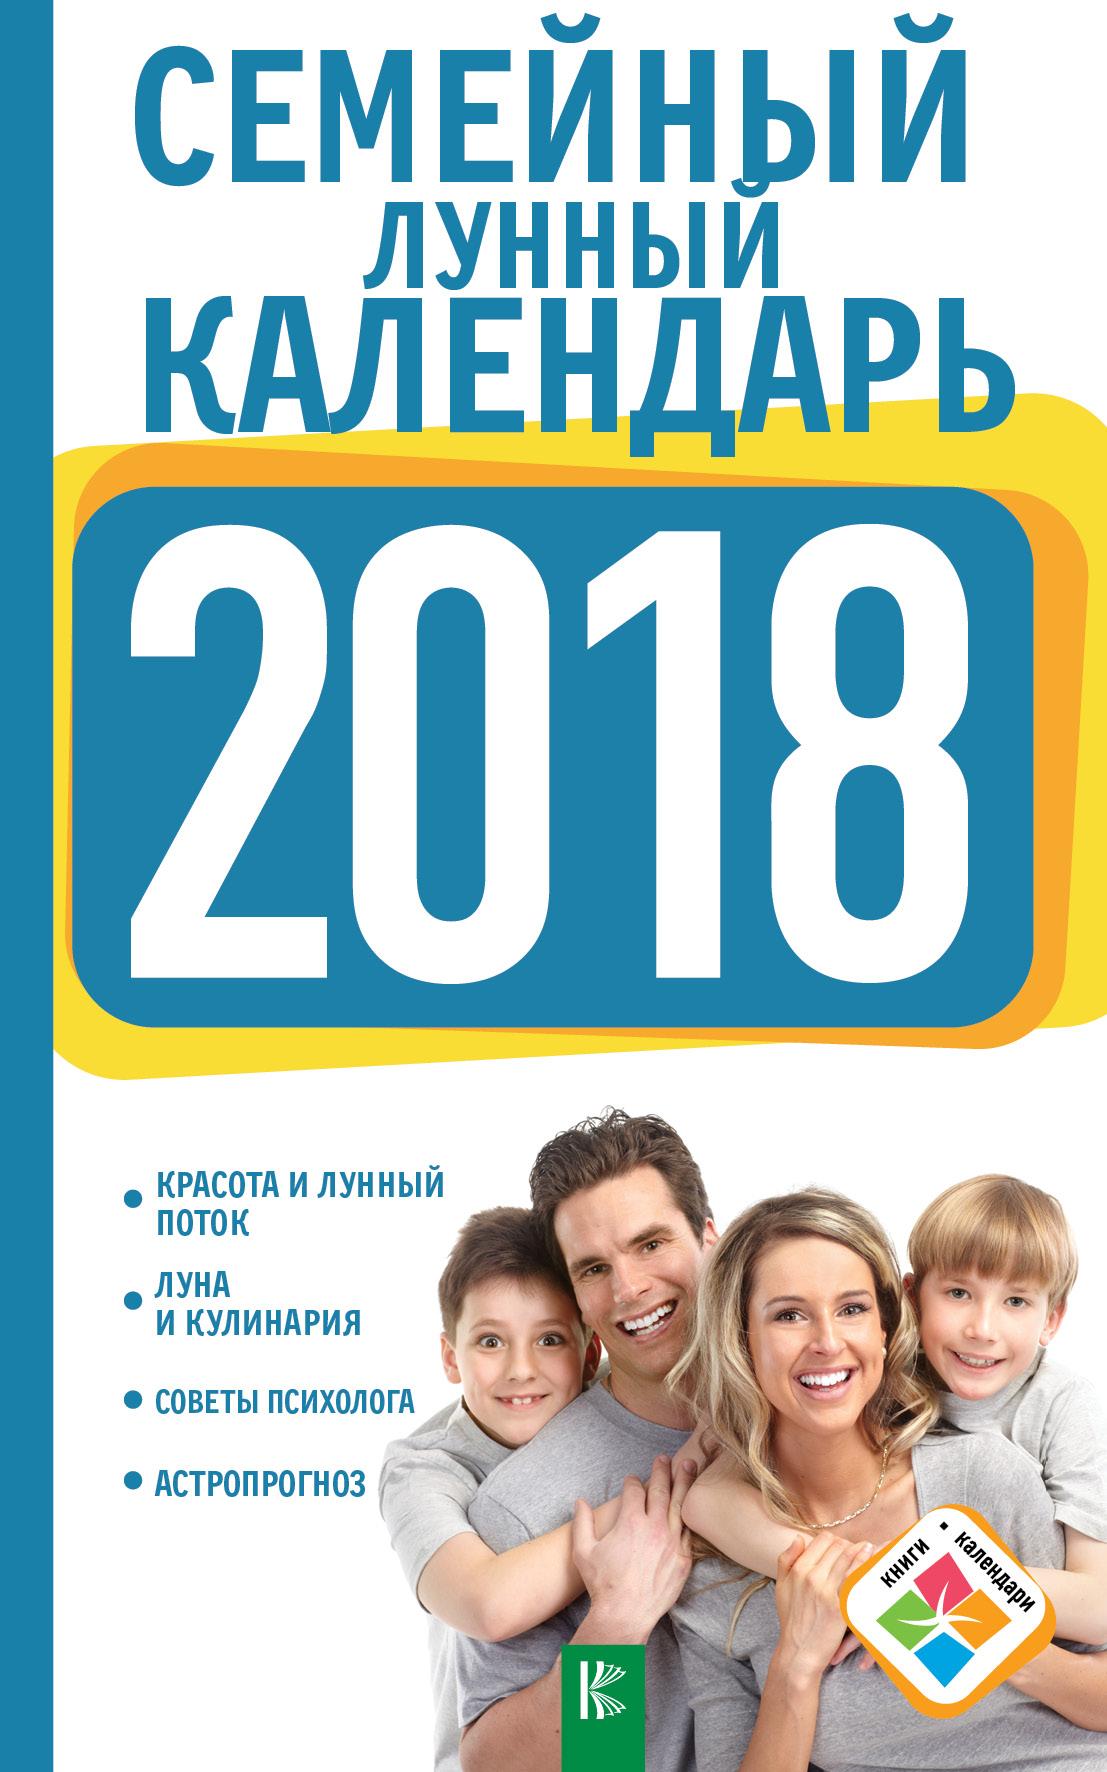 Григорьева А.И. Семейный лунный календарь на 2018 год